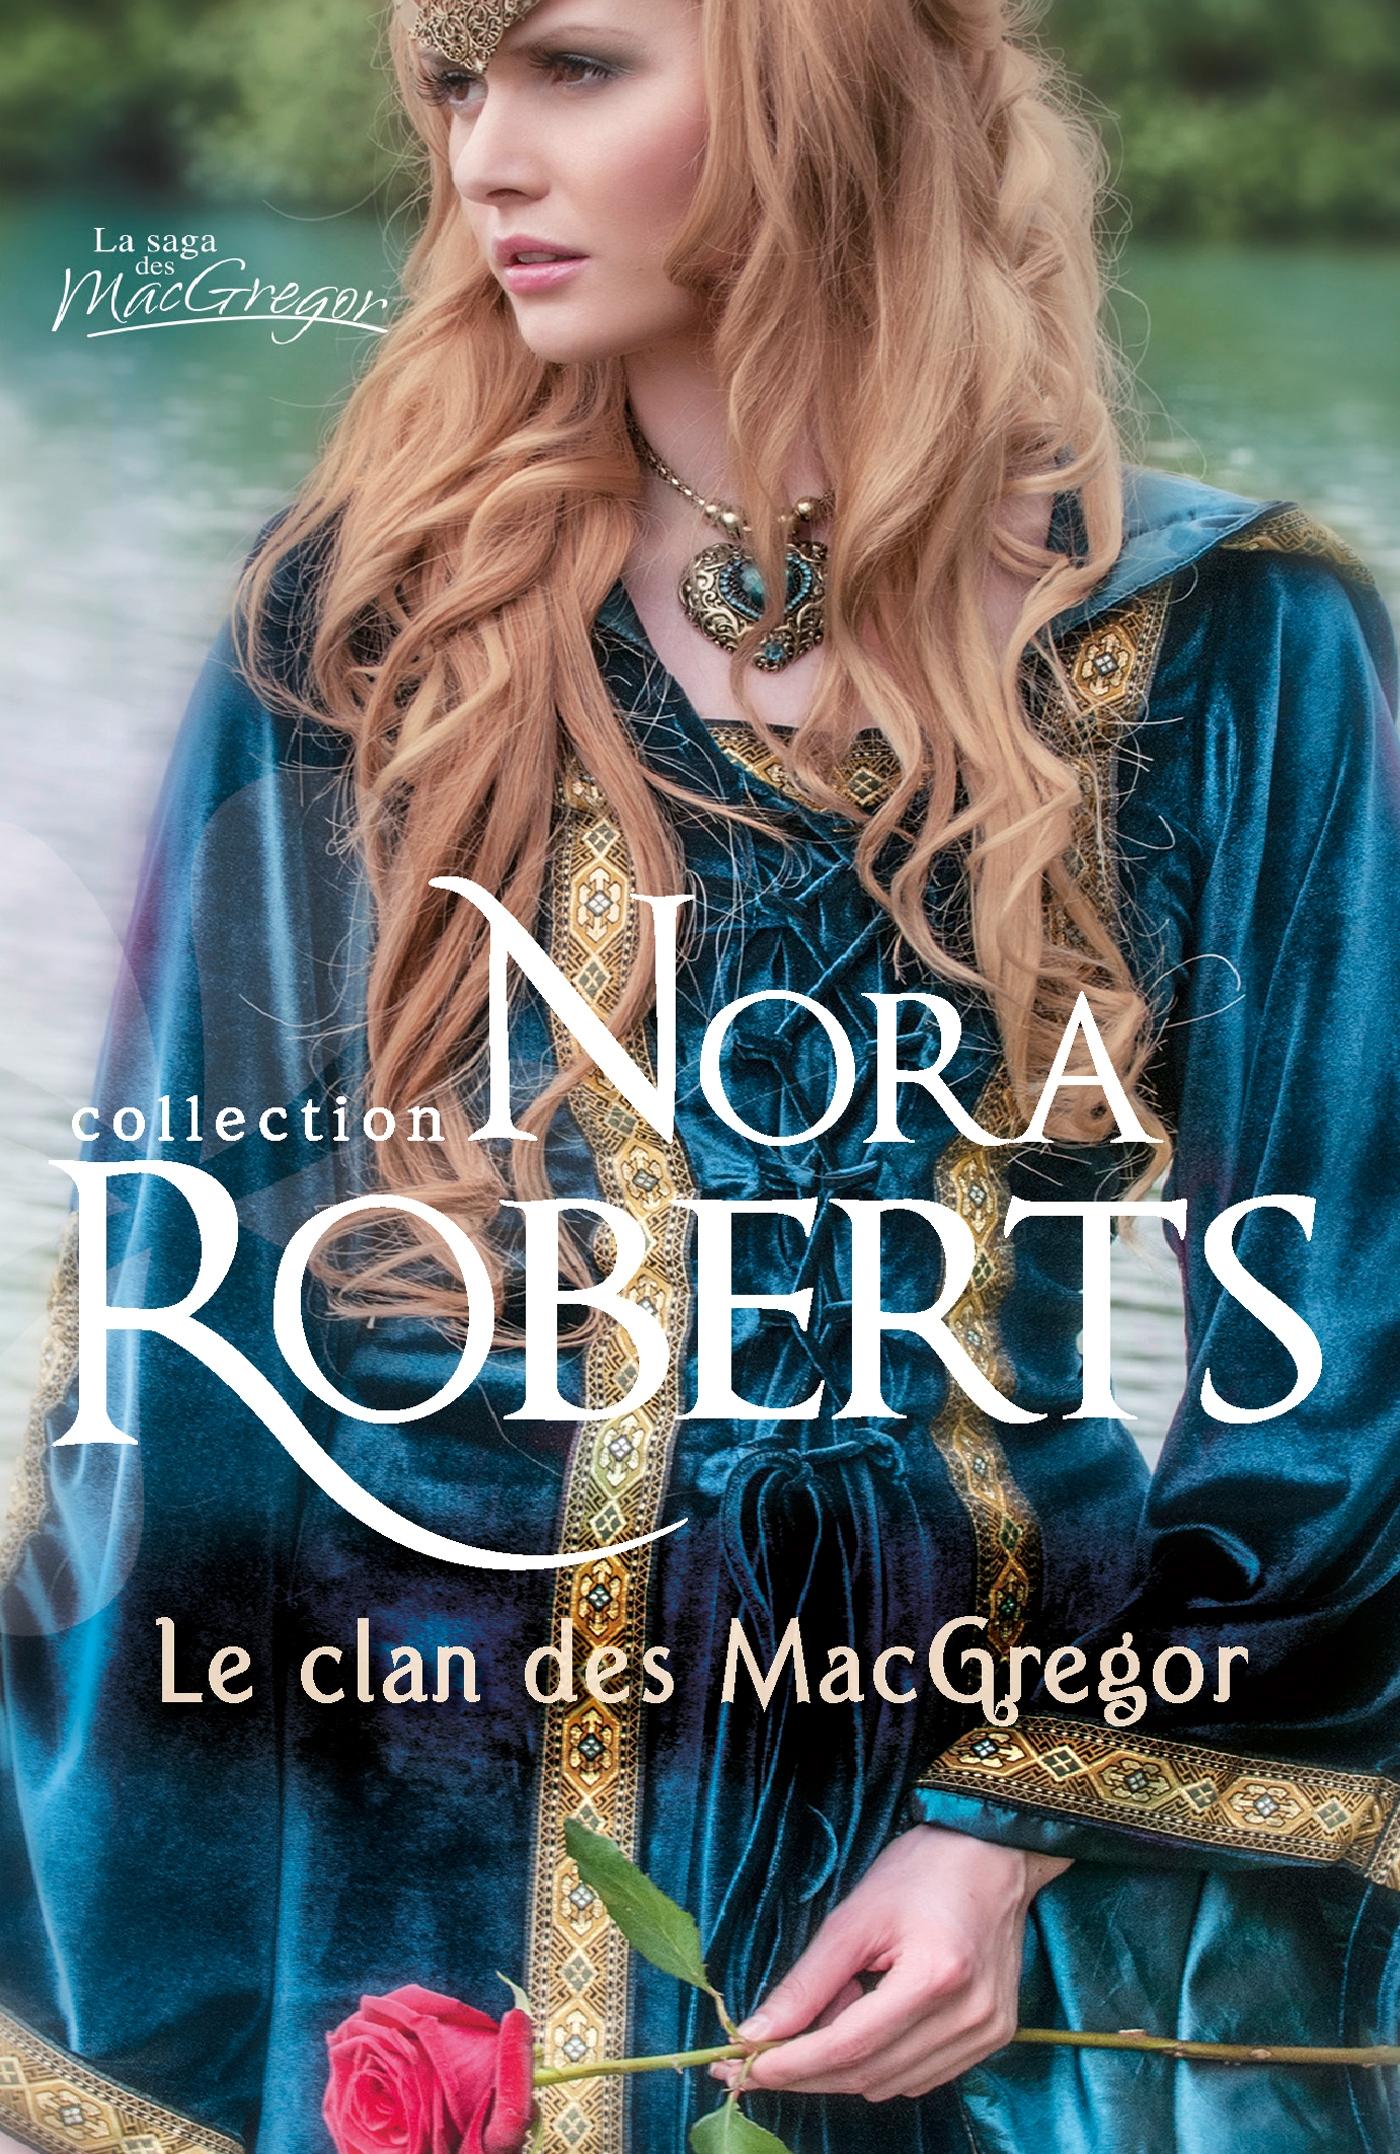 Harlequin le clan des macgregor - Coup de coeur nora roberts ...